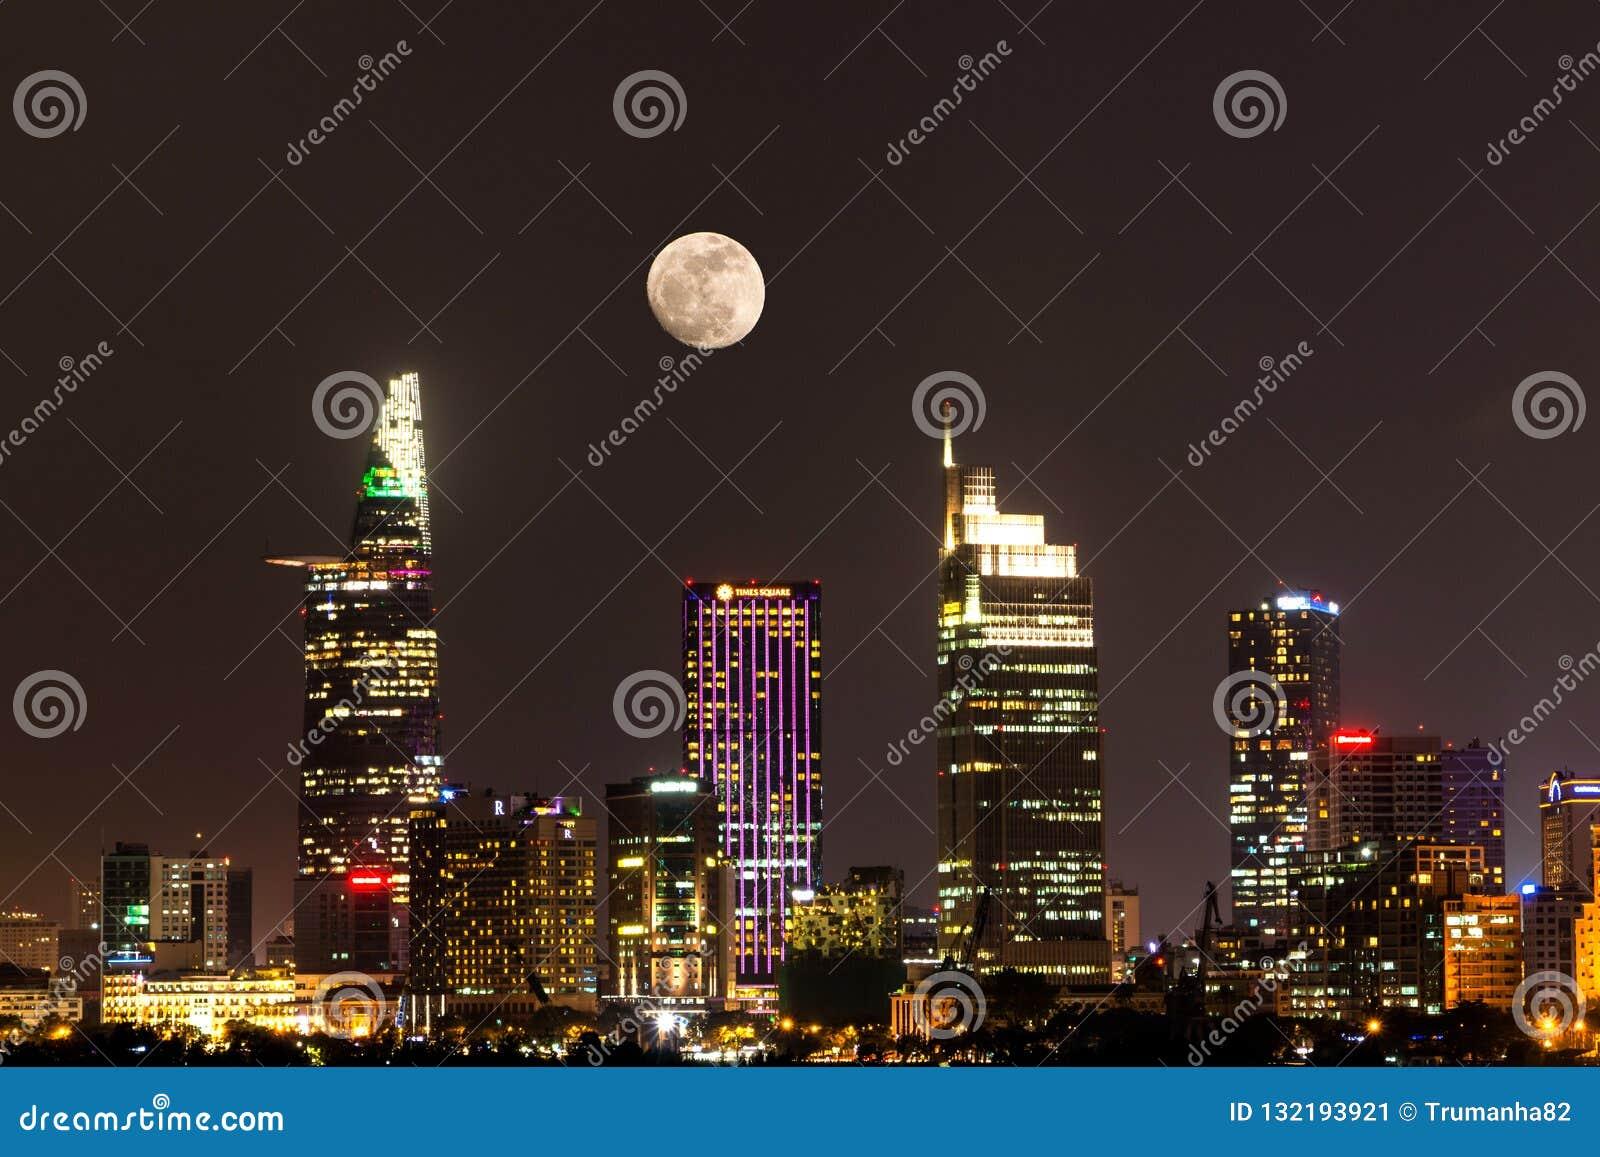 Stadt-Szene mit dem Mond, der über Ho Chi Minh Stadt zentrales Geschäftsgebiet um Nacht sich erhöht